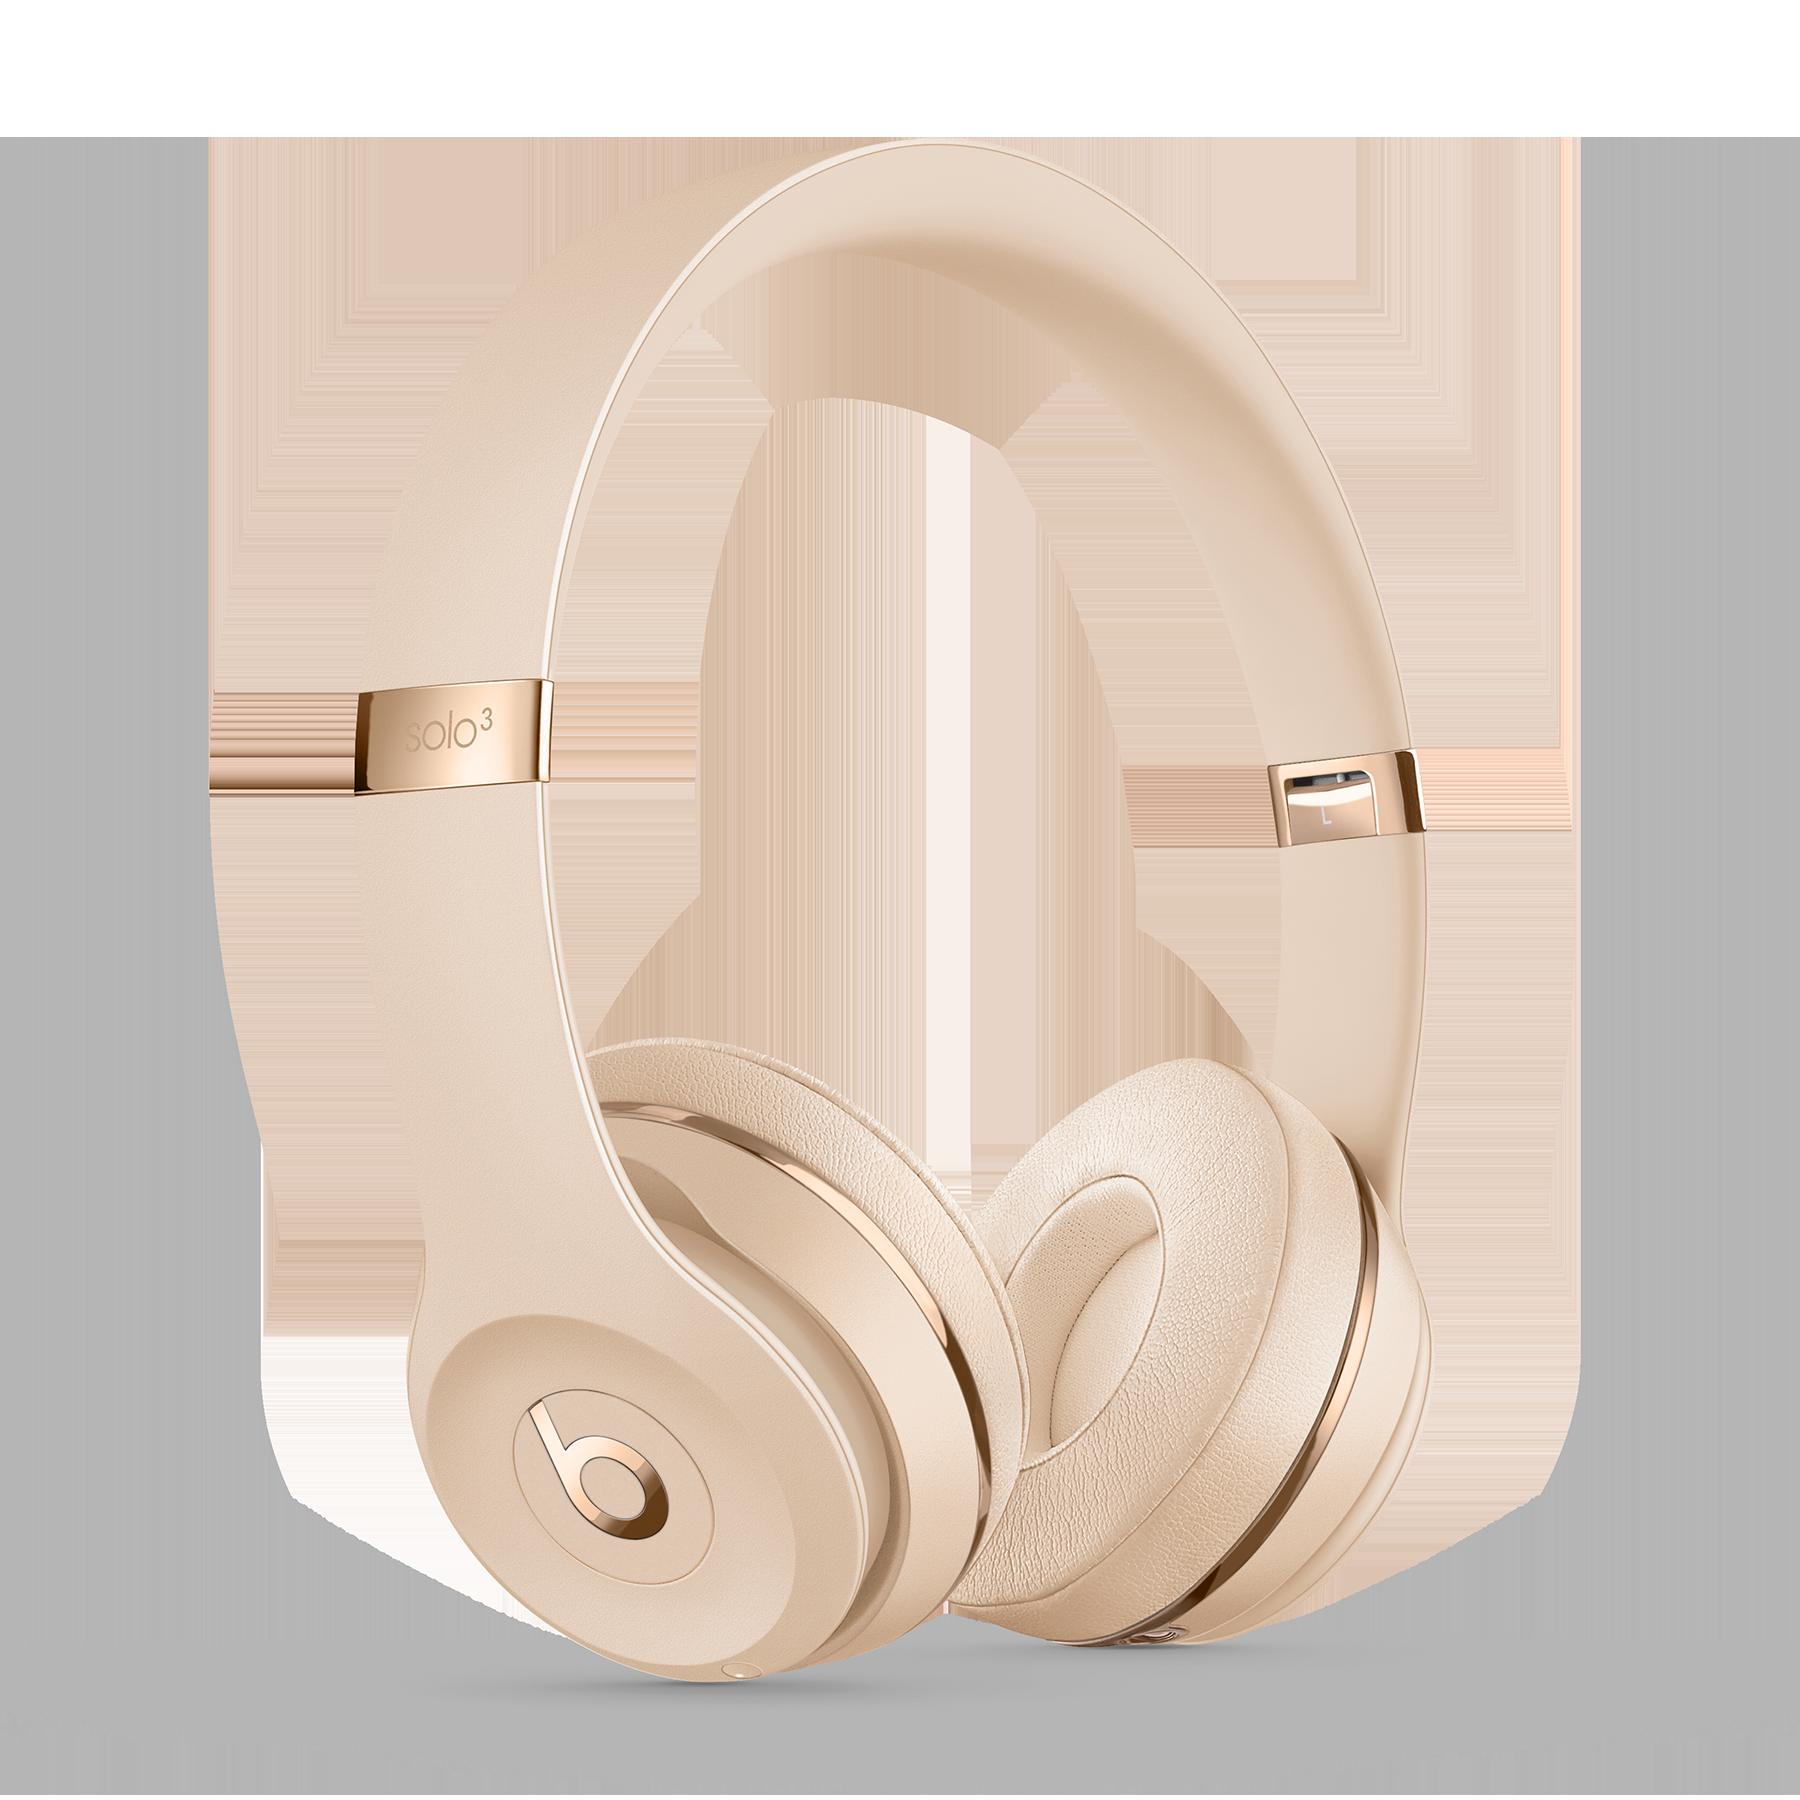 Beats Solo3 Wireless - Beats by Dre (IT) 39c303e7af1a